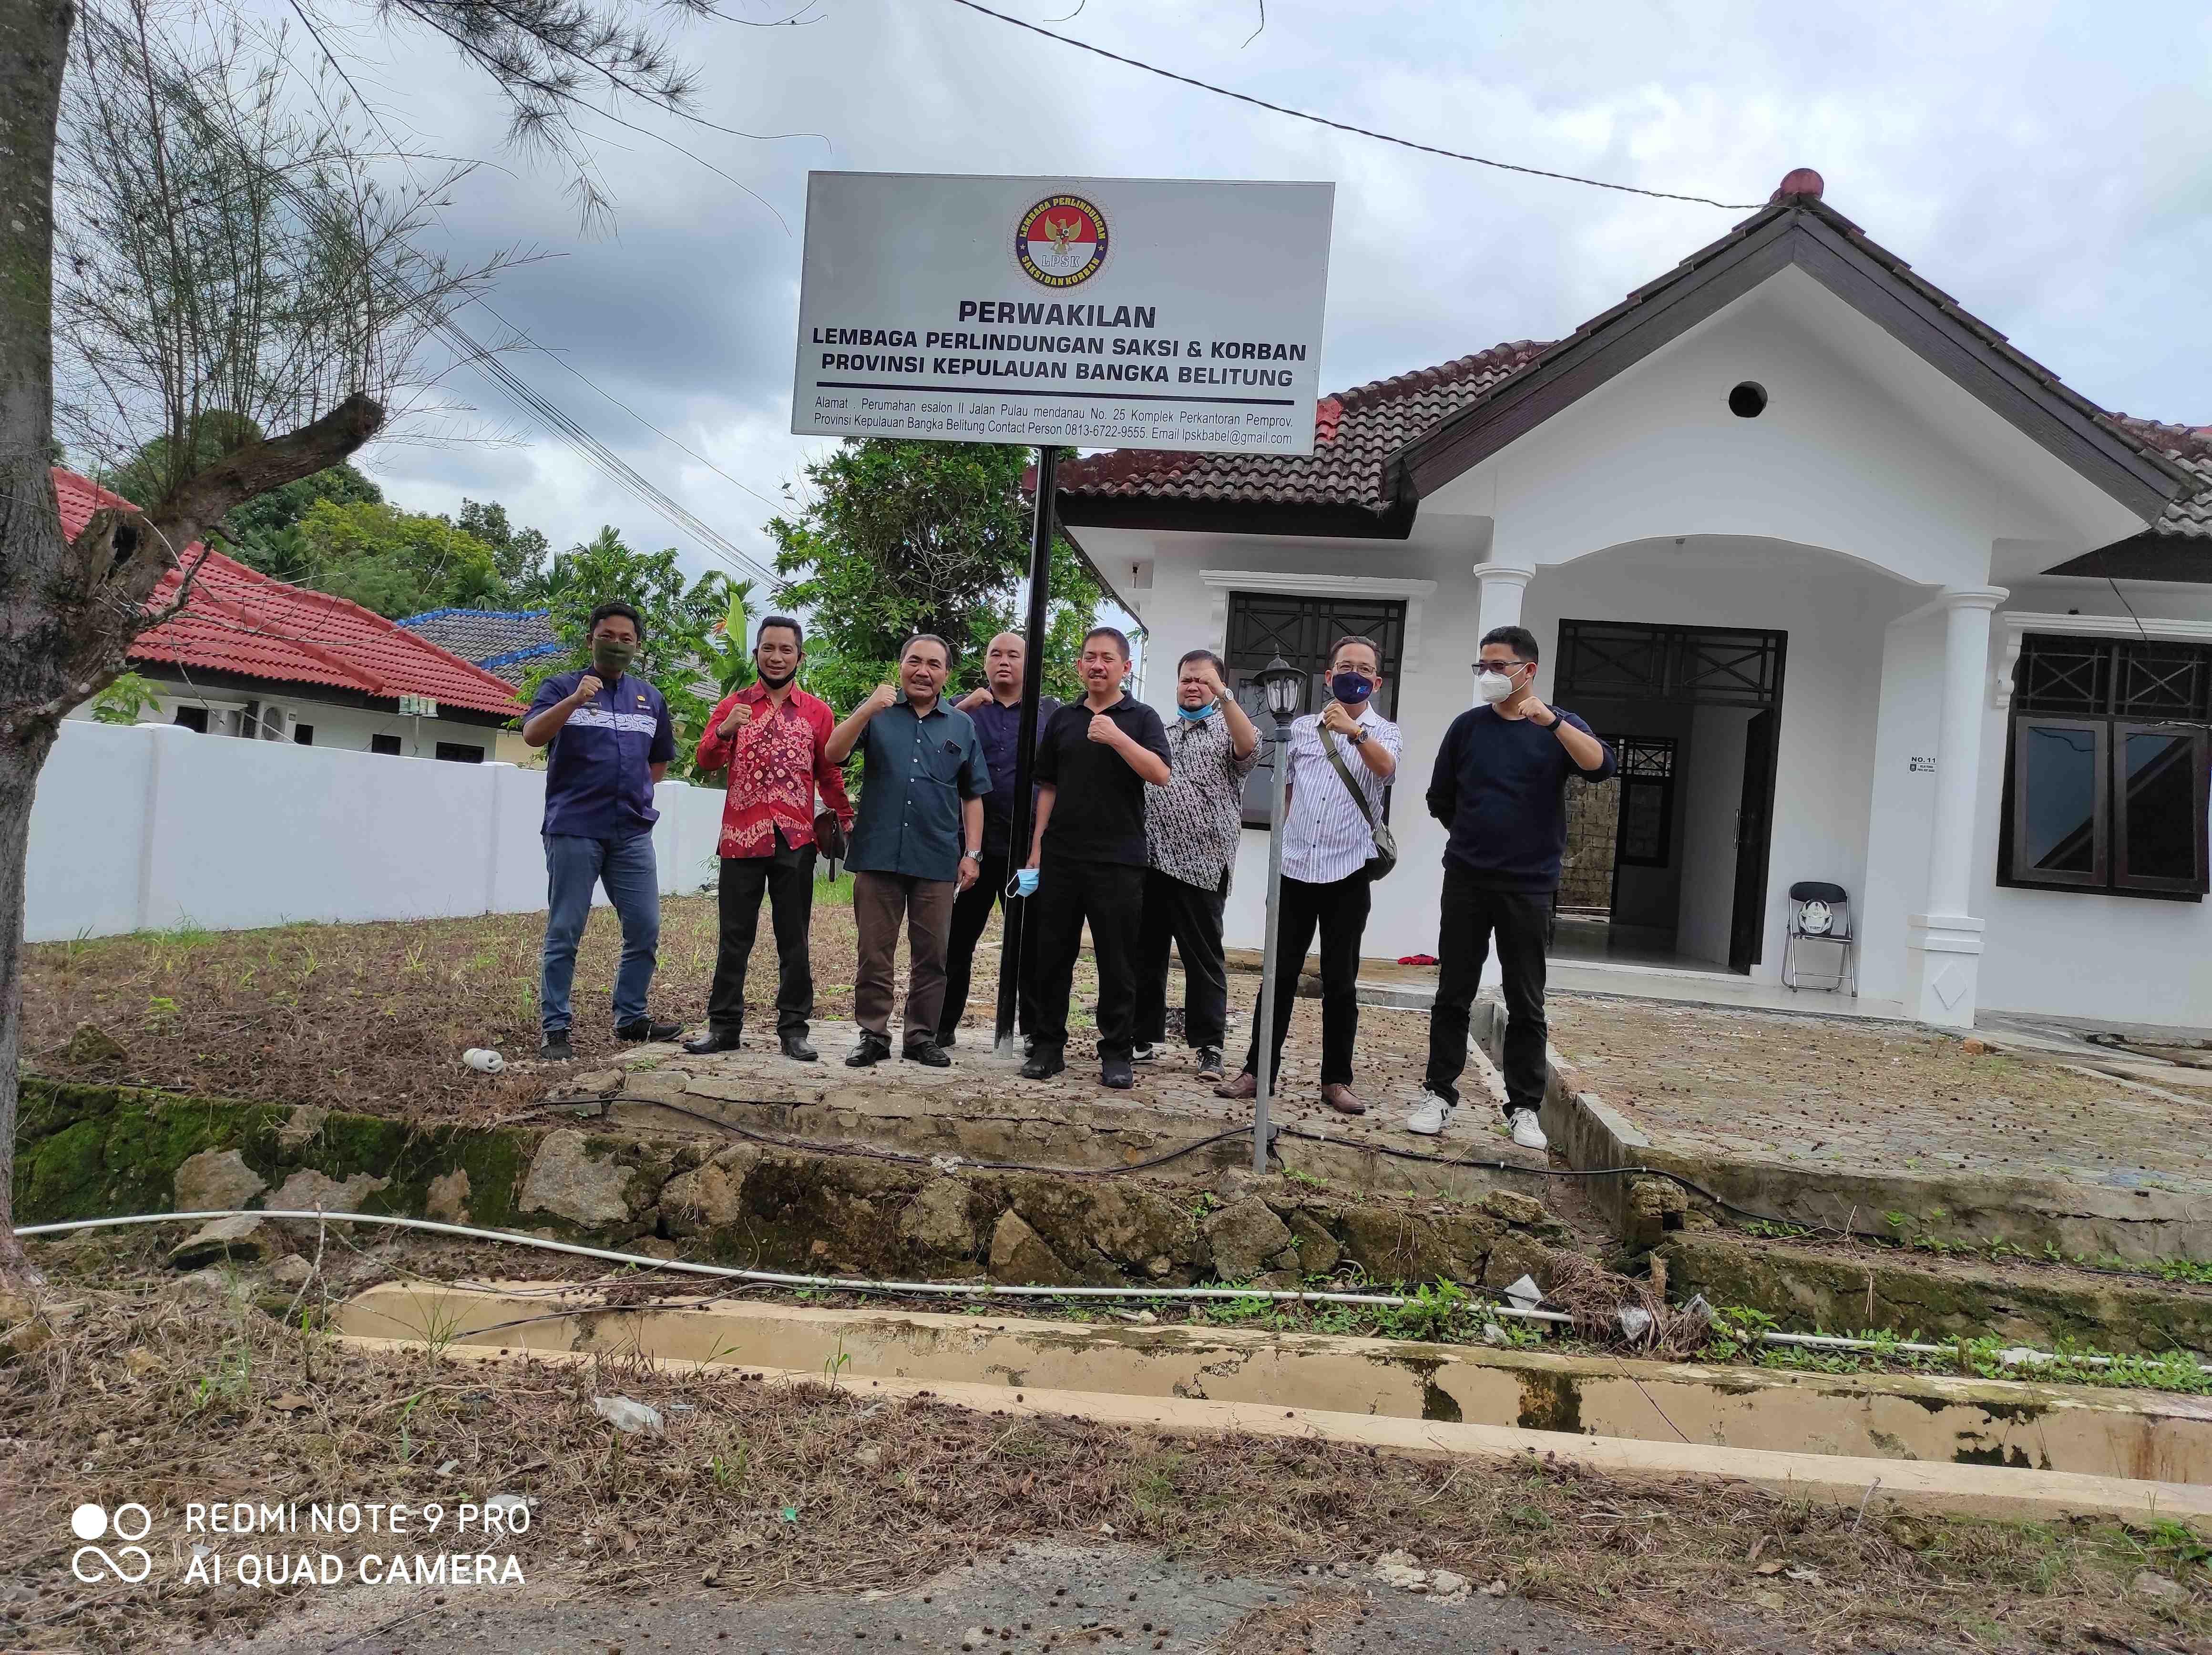 Ketua LPSK Tinjau Kantor Perwakilan LPSK Bangka Belitung Dan Sampaikan Terimakasih Kepada Gubernur Babel Atas Dukungannya